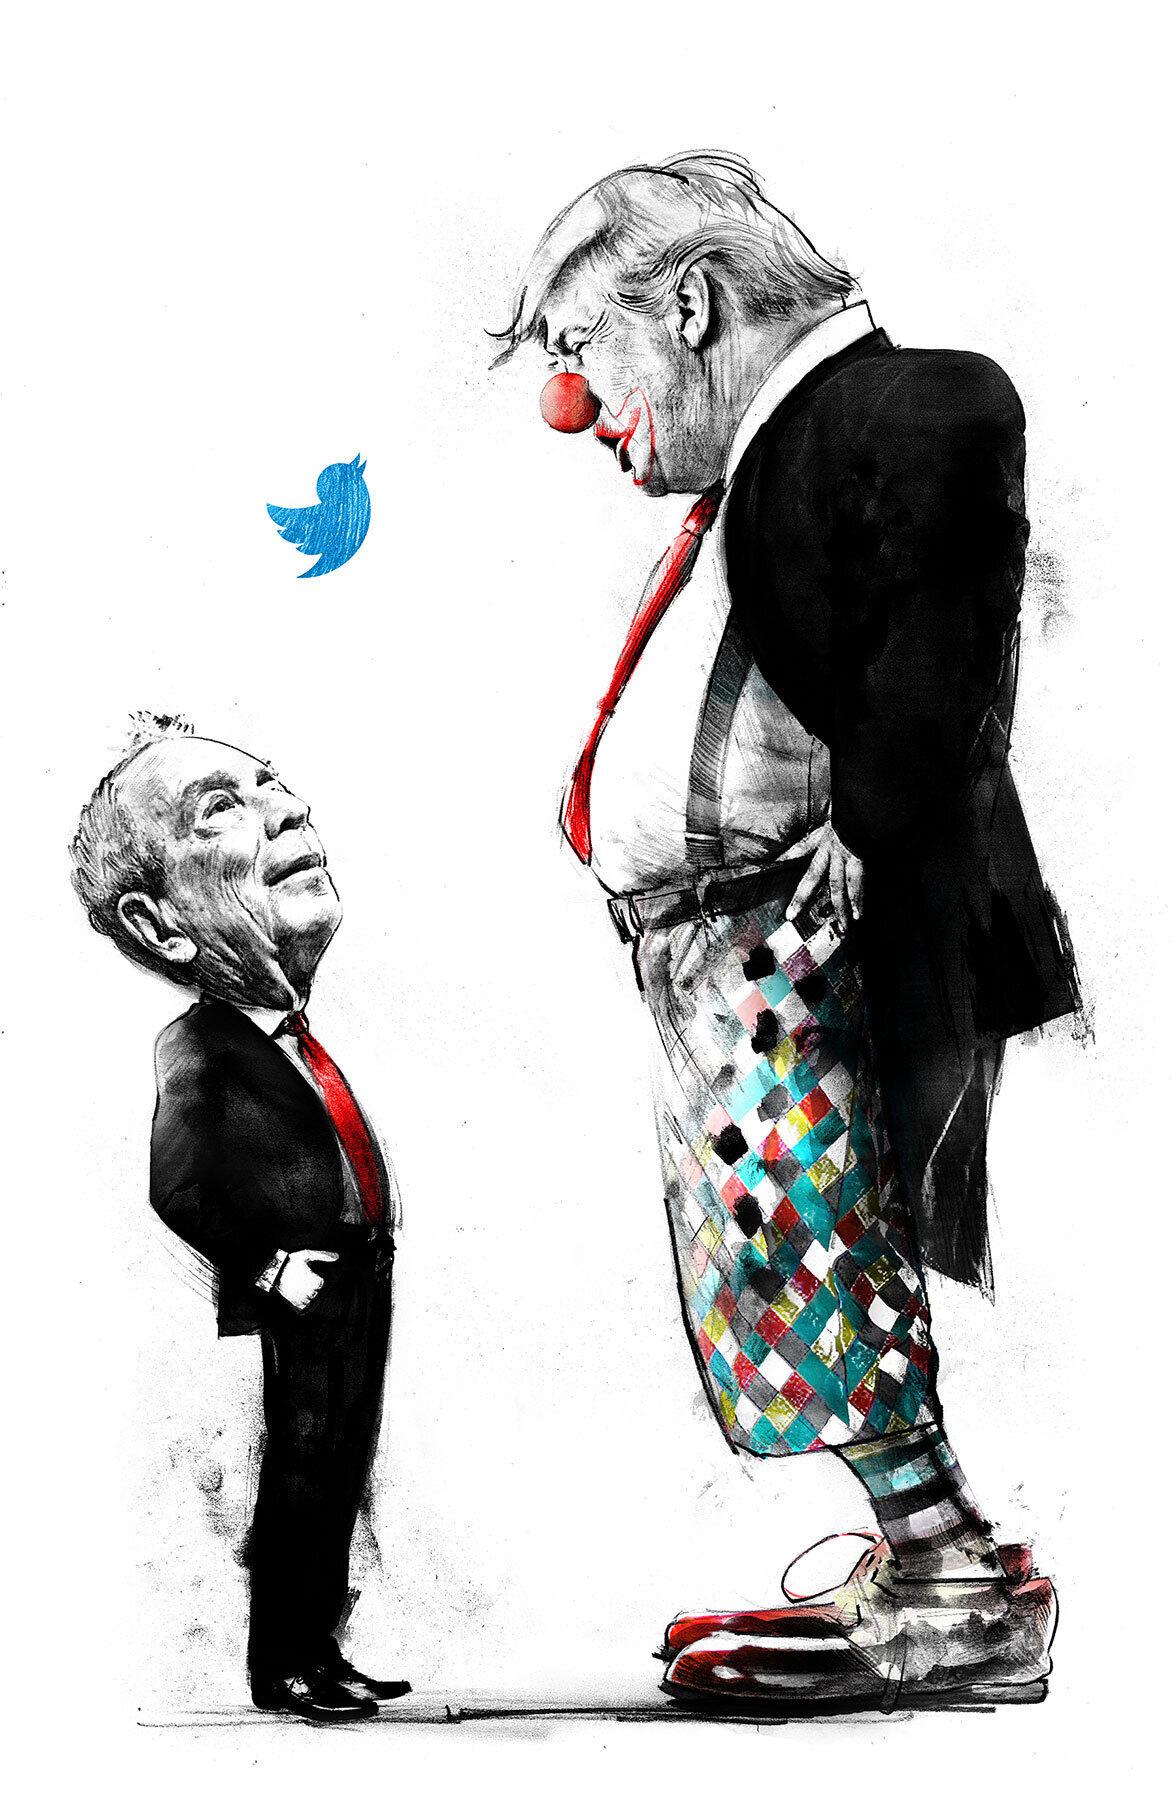 Twitter beef trump - Kornel Illustration | Kornel Stadler portfolio